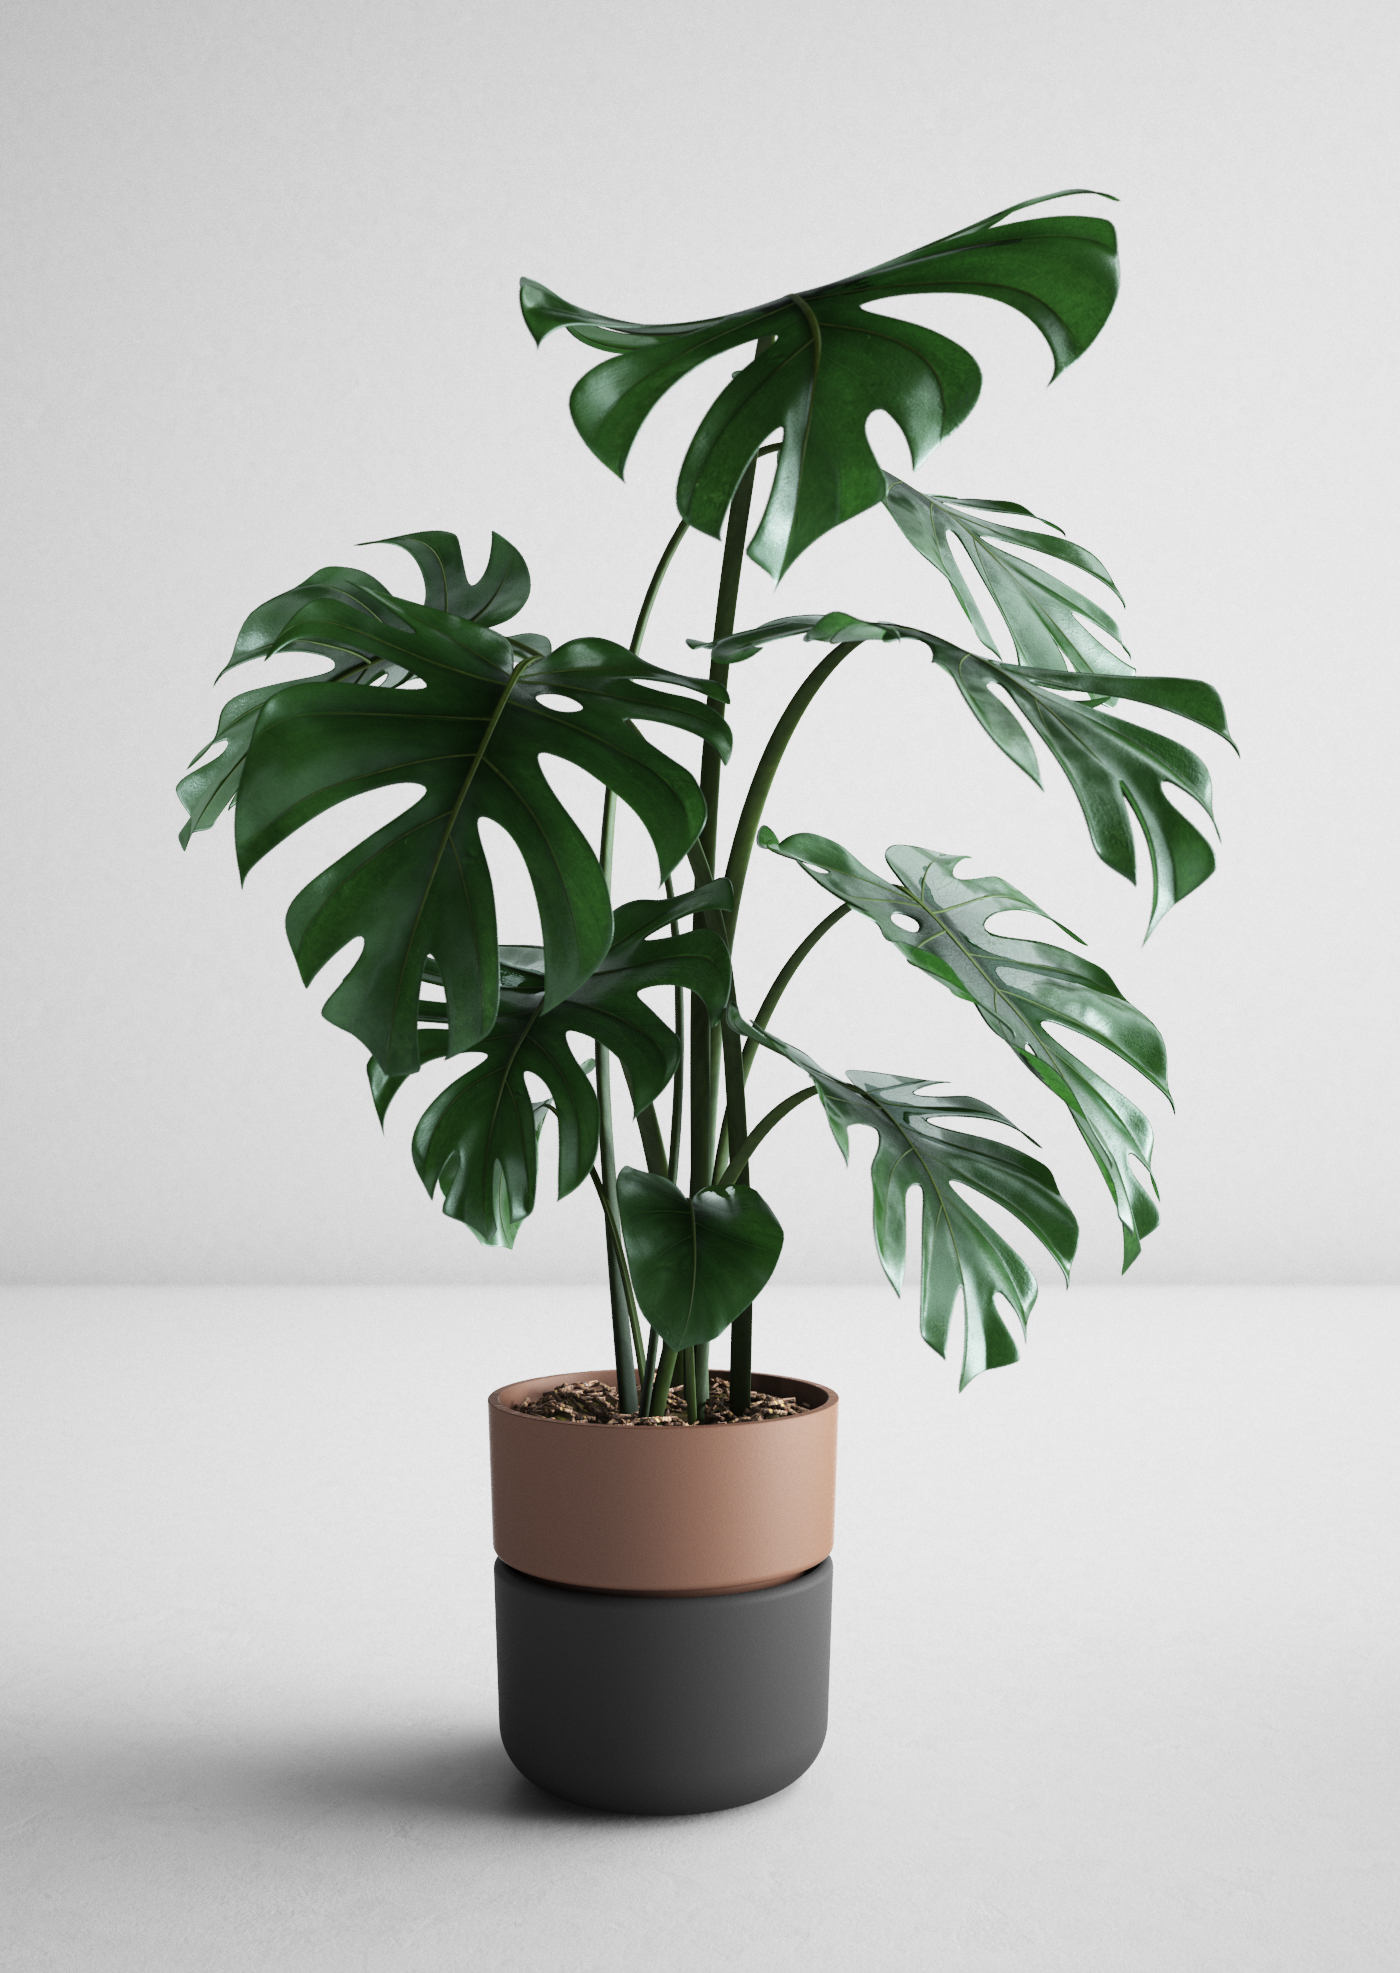 haenke_deFORM_planter+I-1.jpg